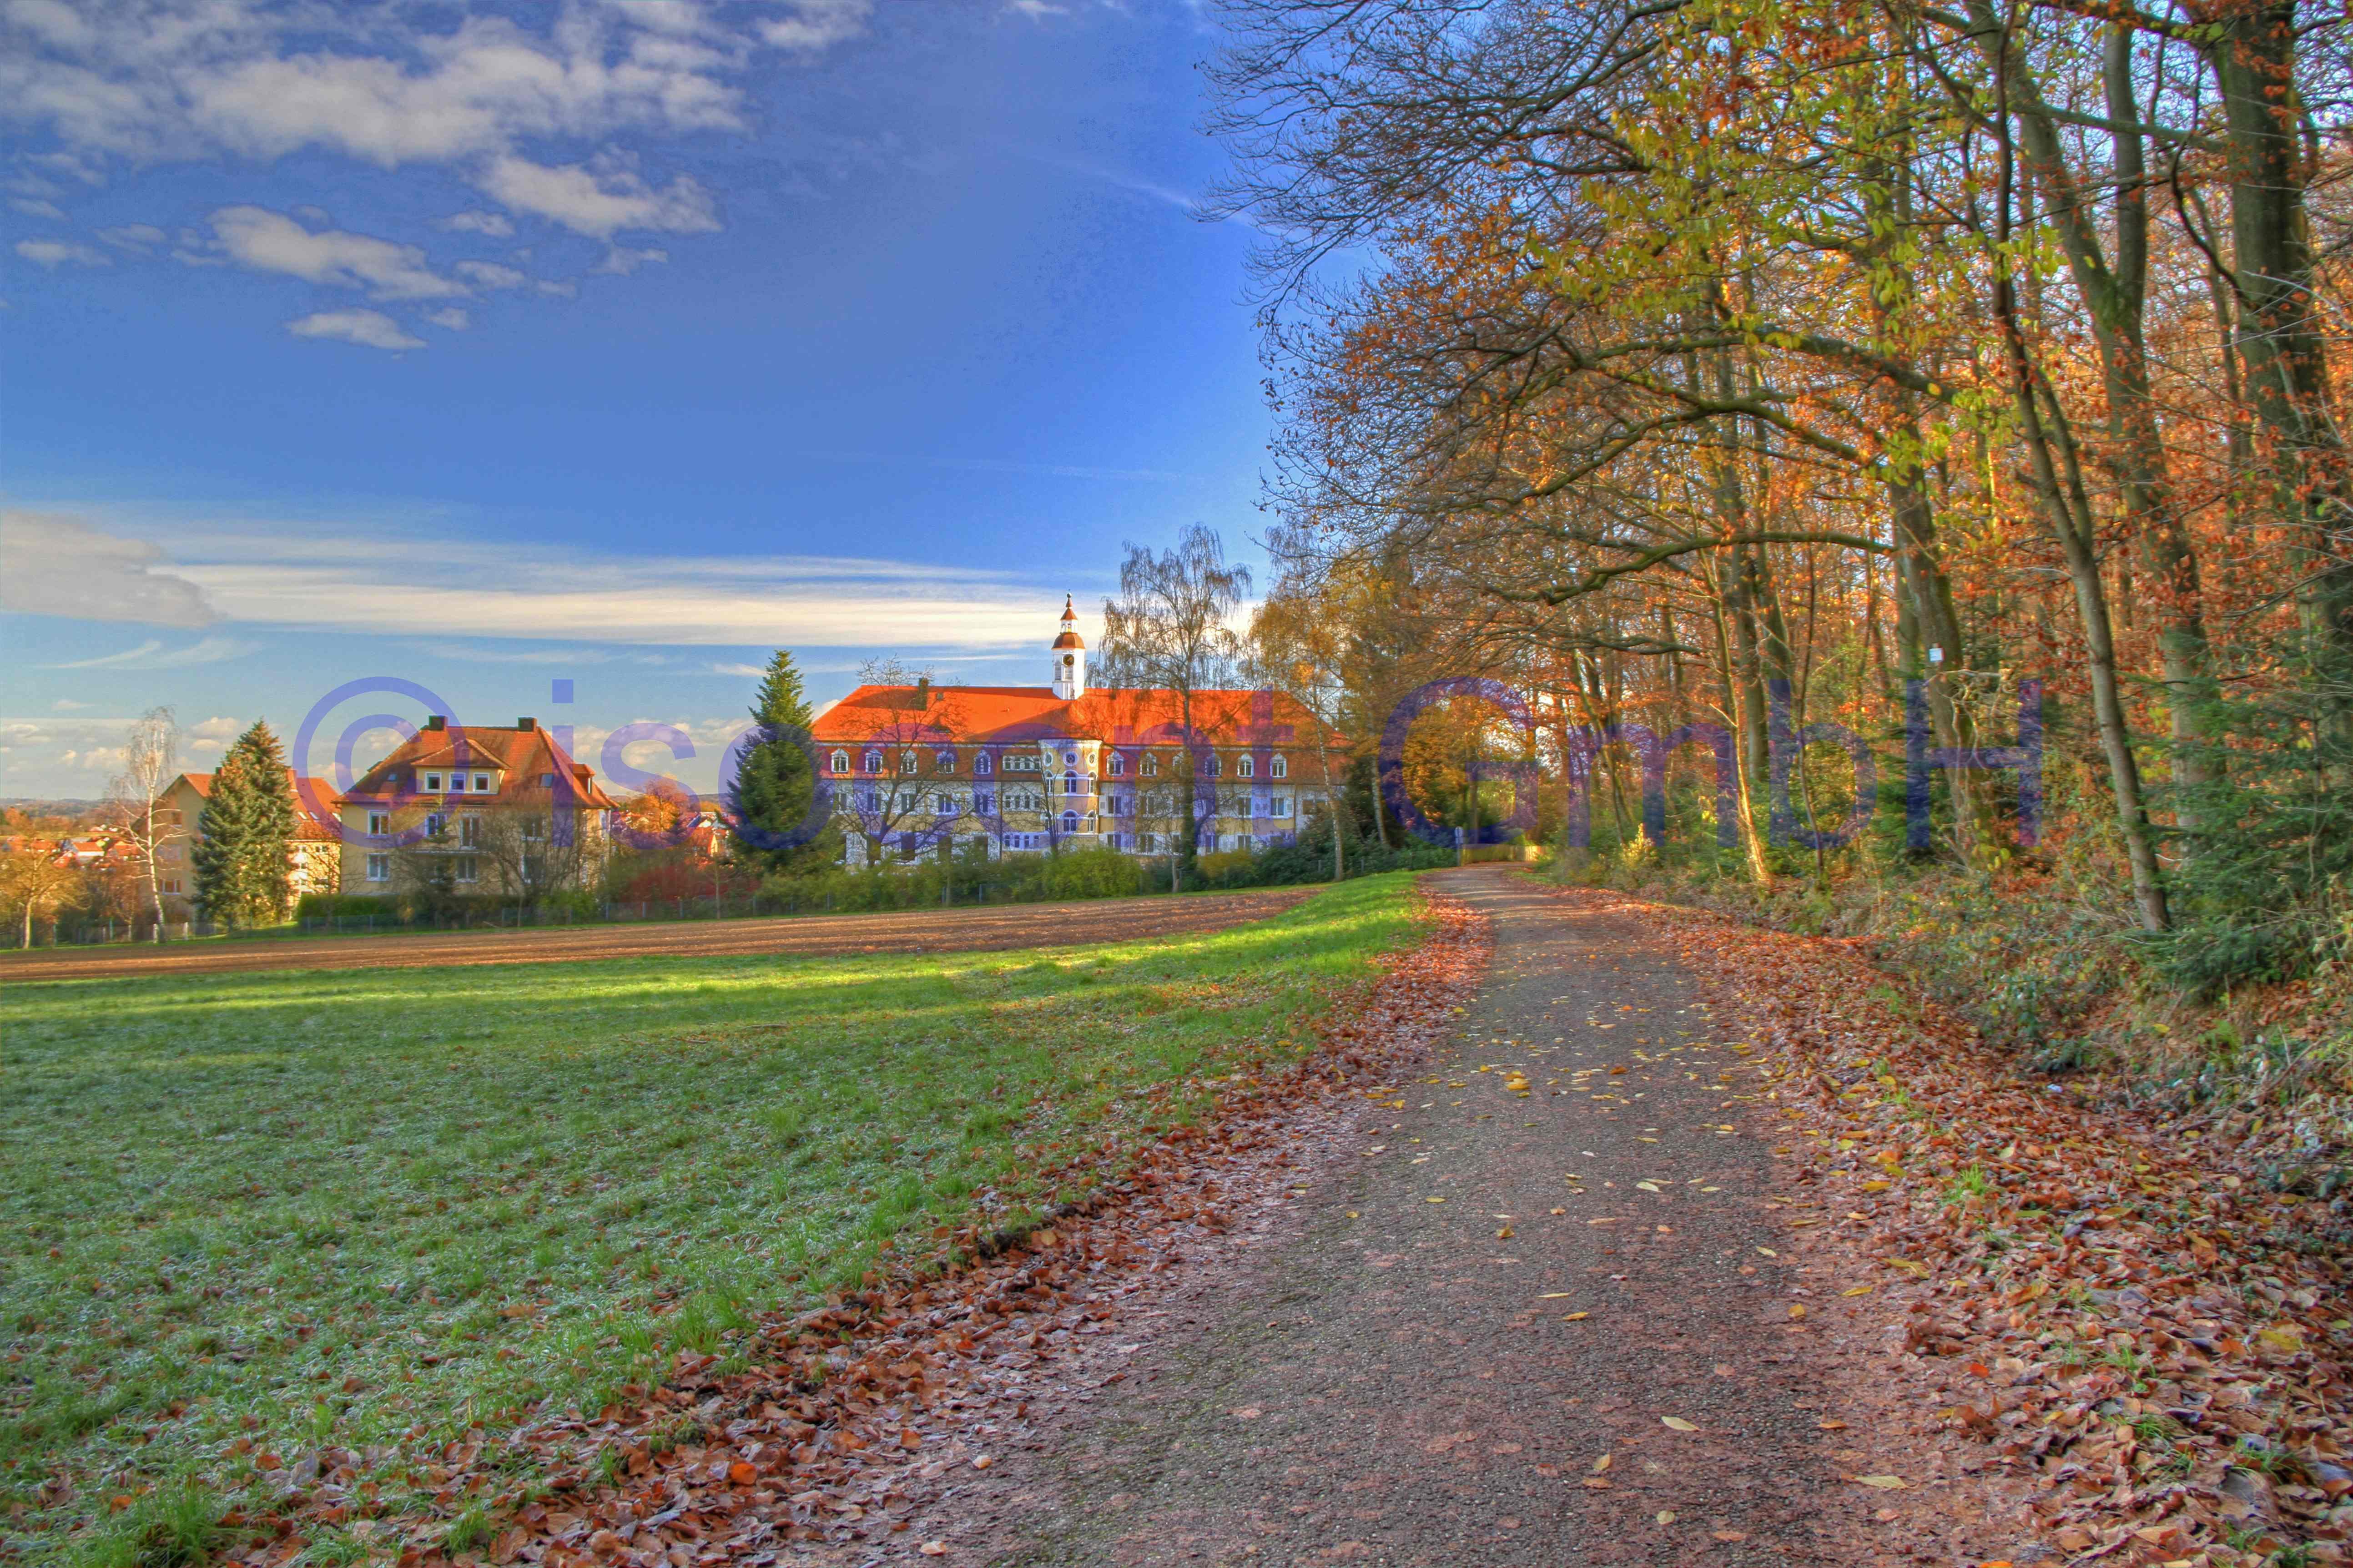 IMG_6644_5_6 m2a, Langensteinbach-1